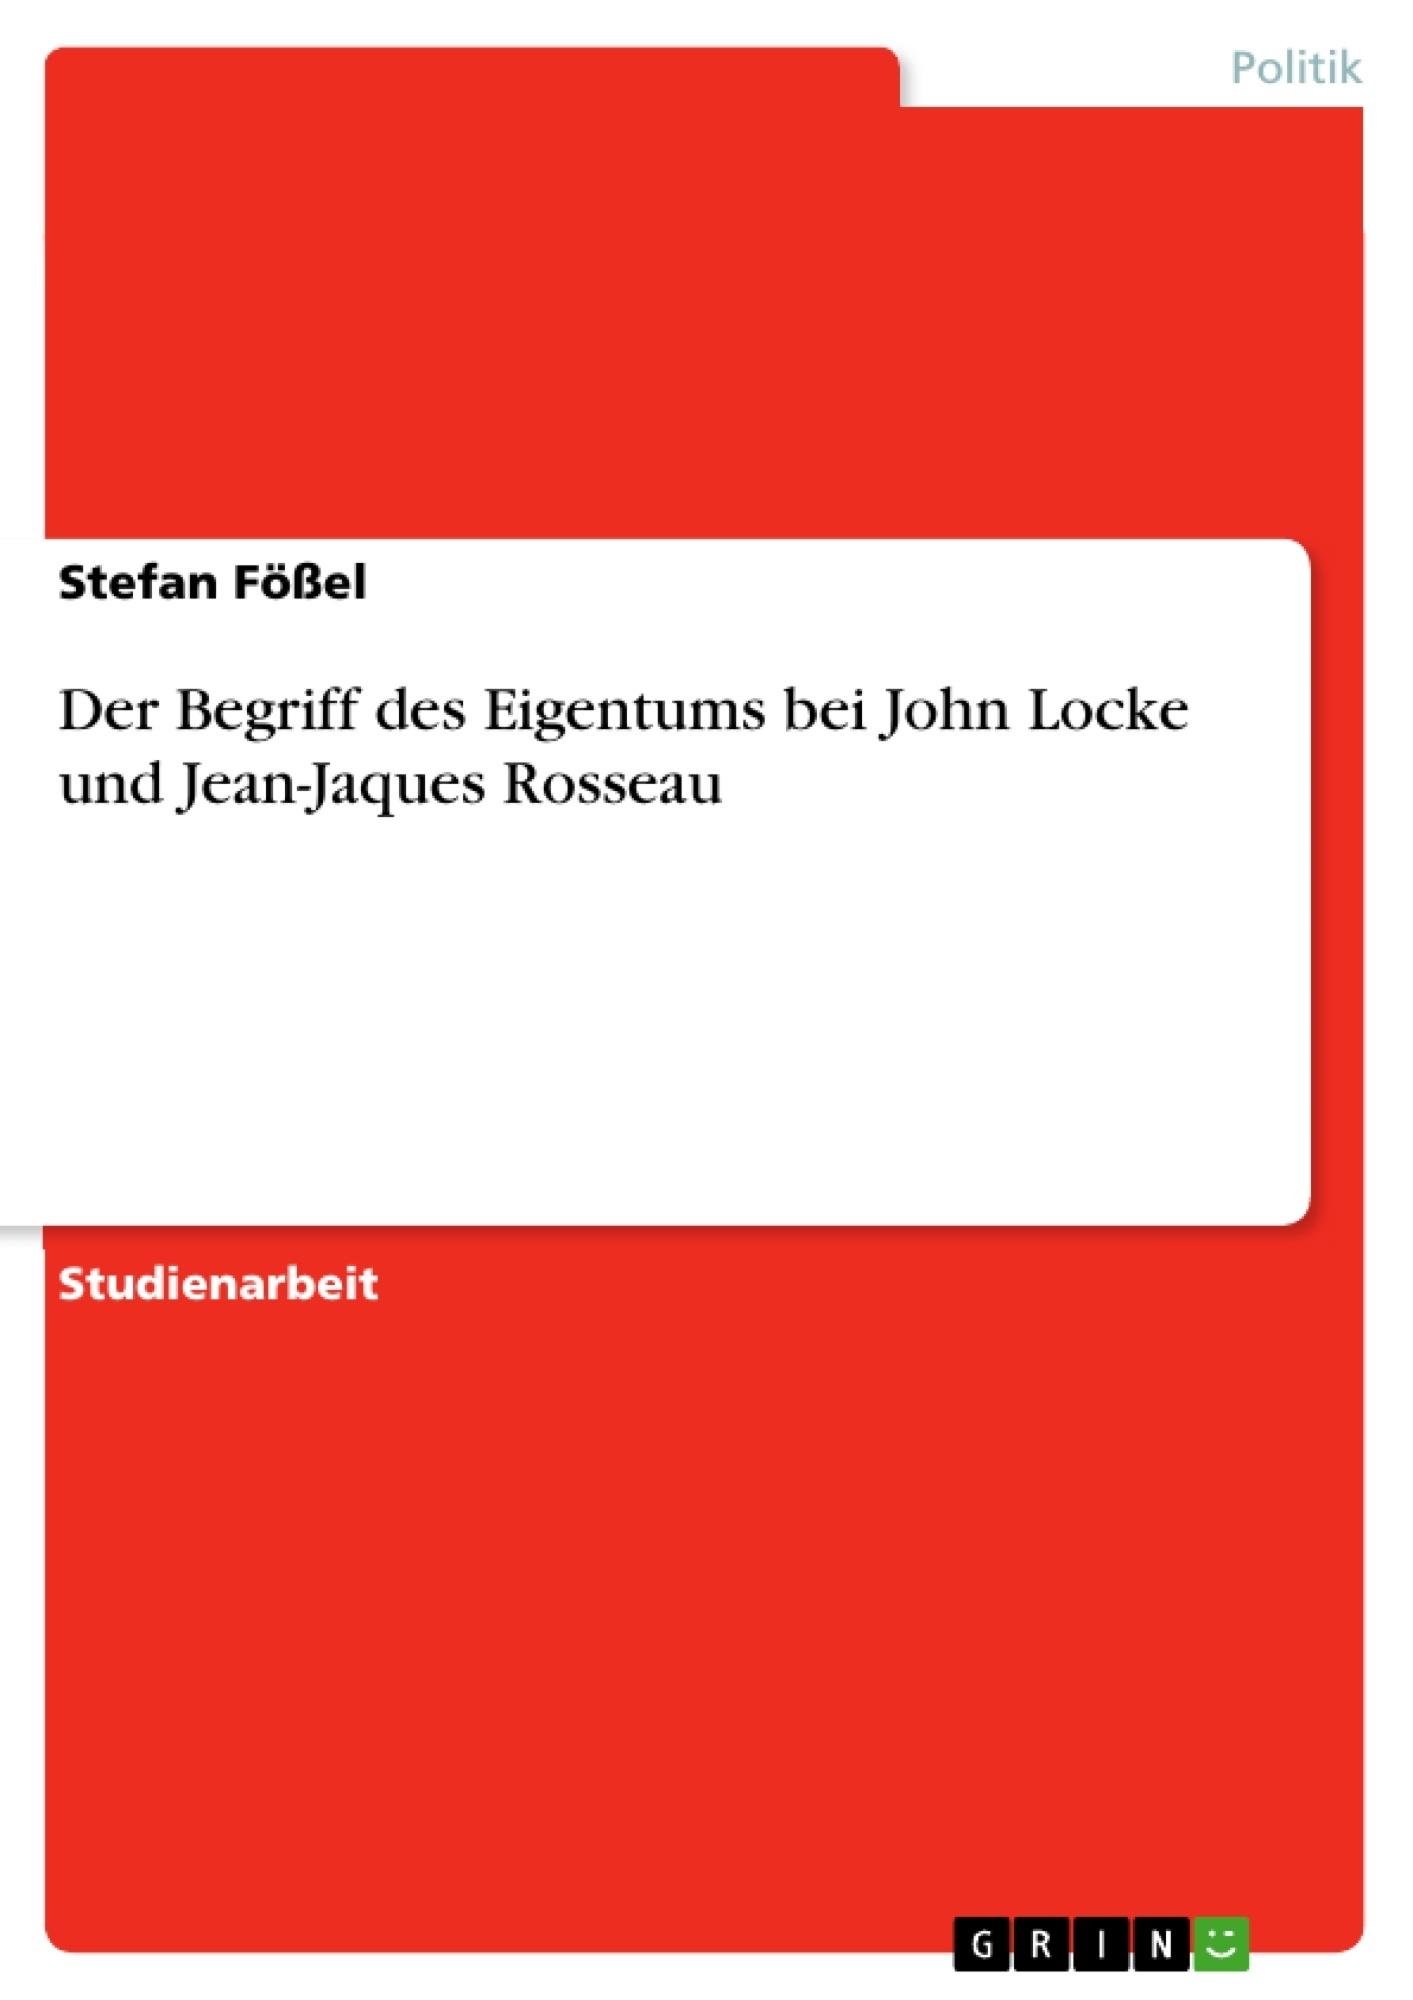 Titel: Der Begriff des Eigentums bei John Locke und Jean-Jaques Rosseau